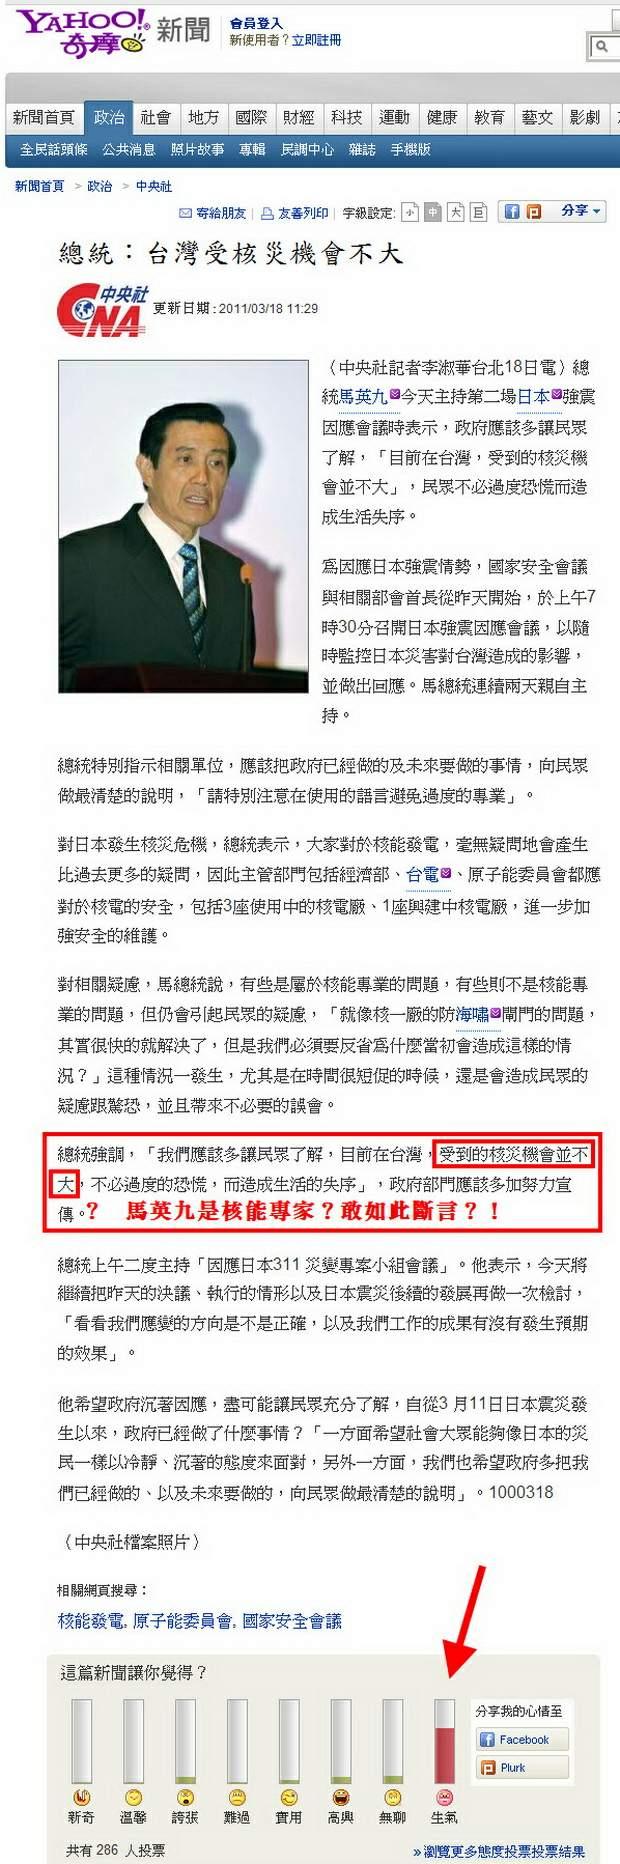 總統:台灣受核災機會不大-2011.03.18.jpg